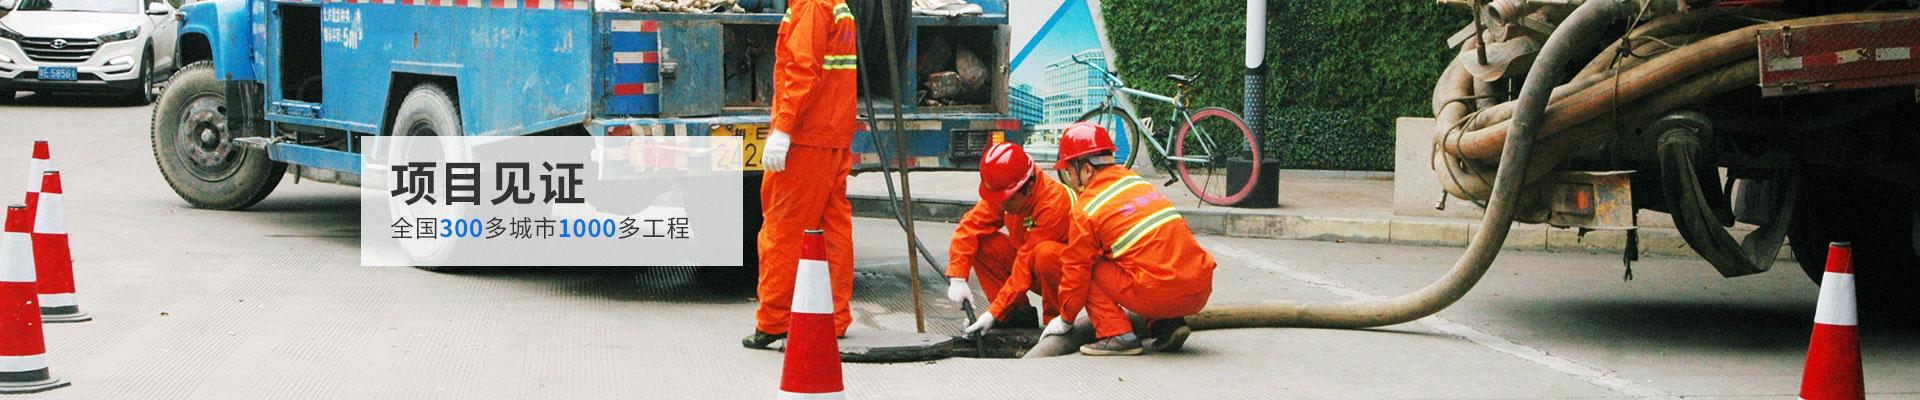 全国300多城市1000多工程项目见证-洁强市政